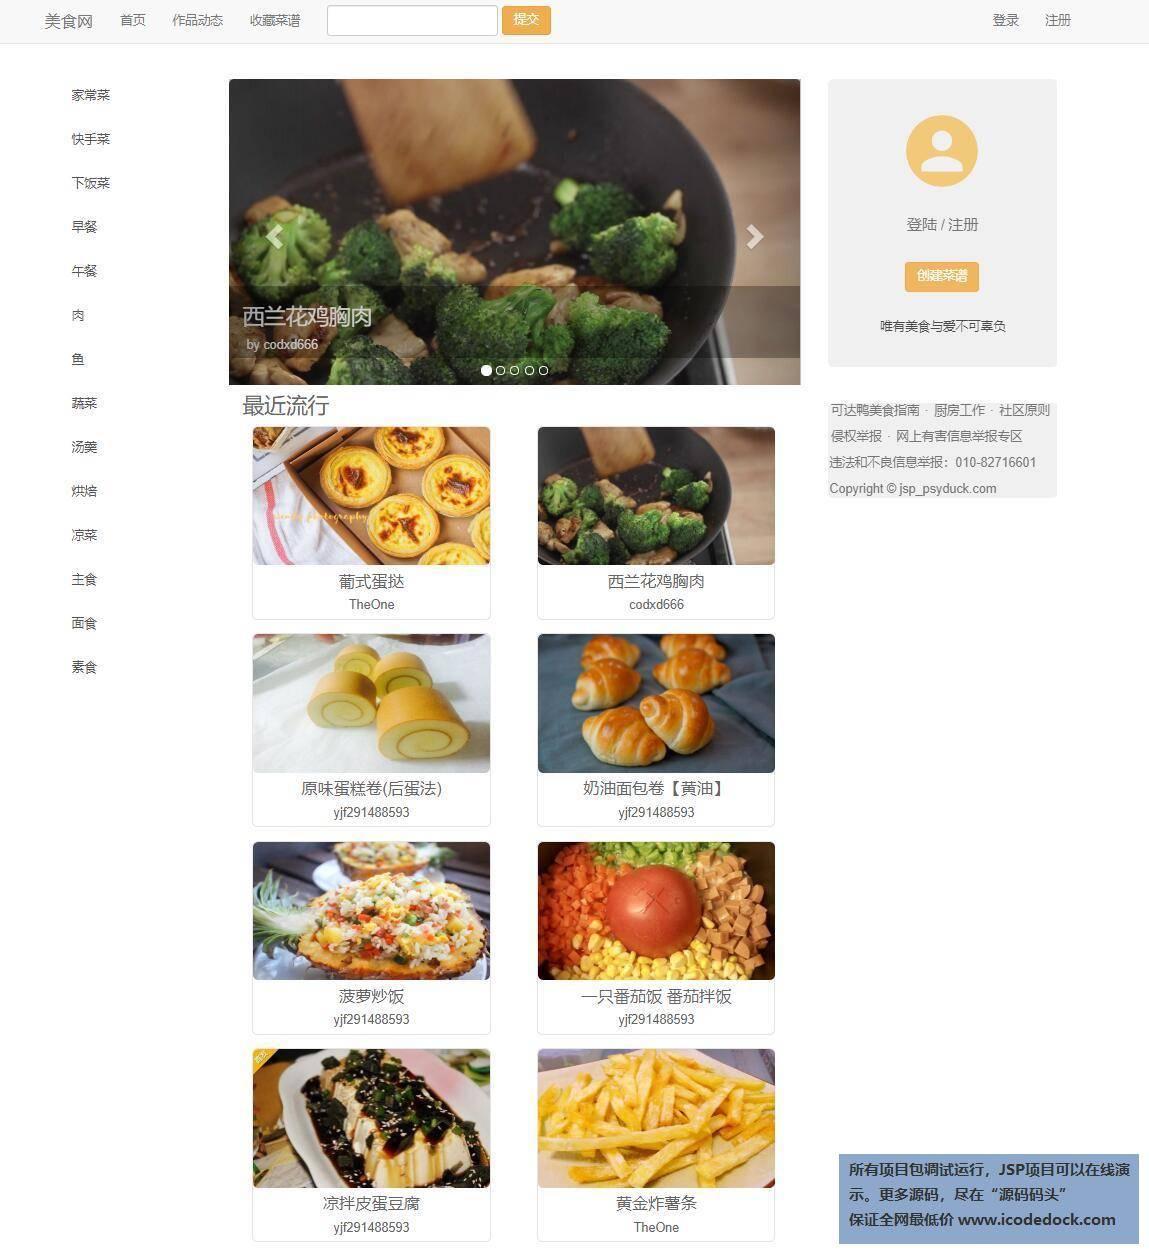 源码码头-JSP美食菜谱分享系统-用户角色-主页